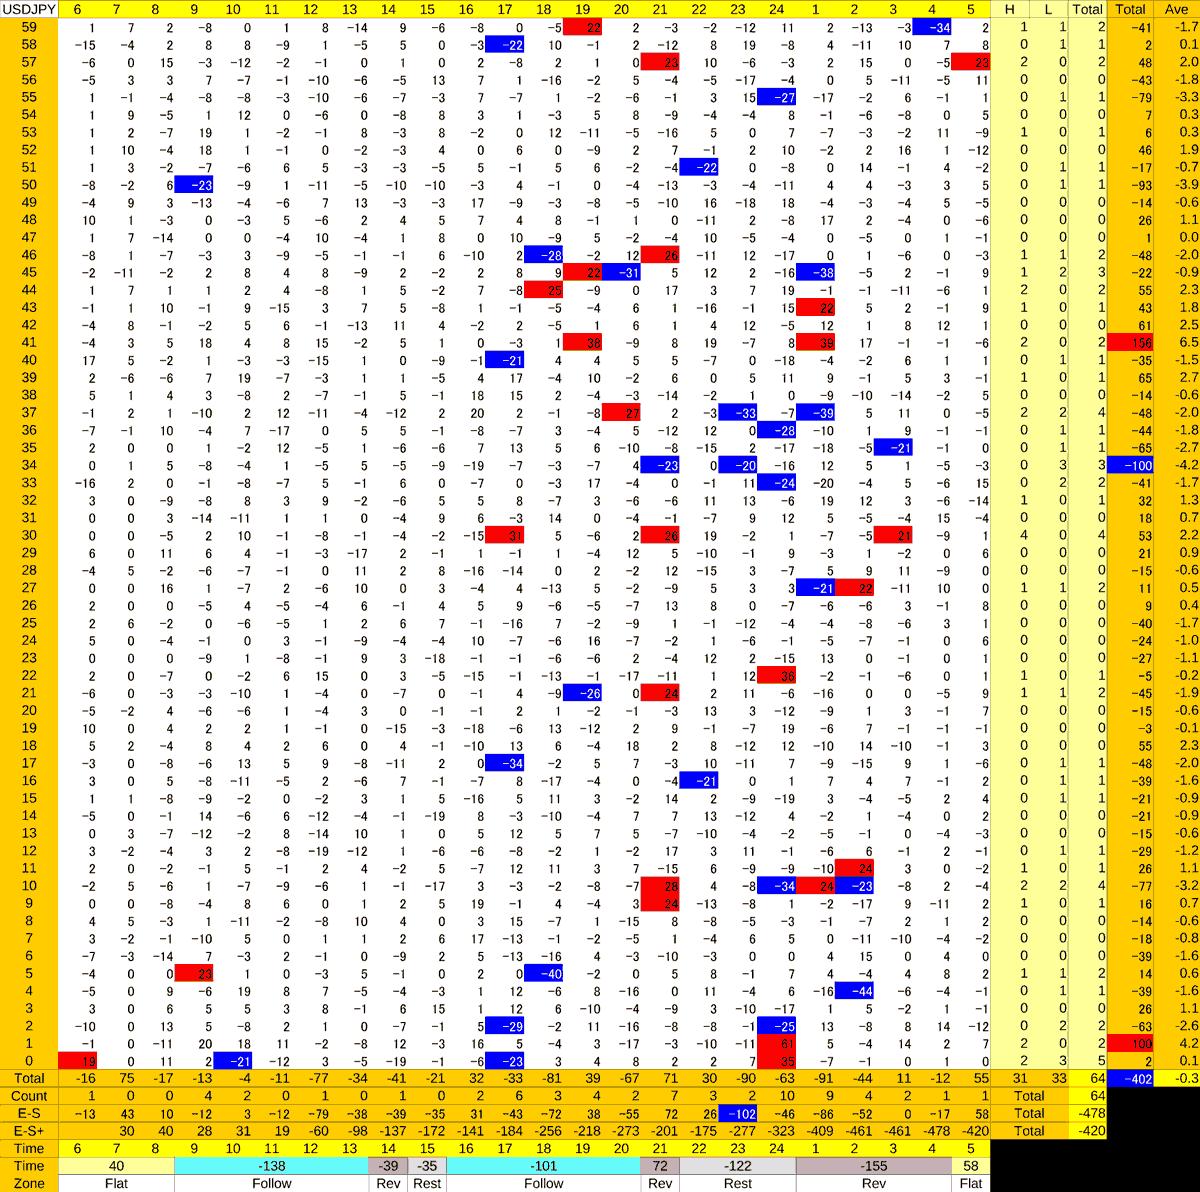 20210105_HS(1)USDJPY